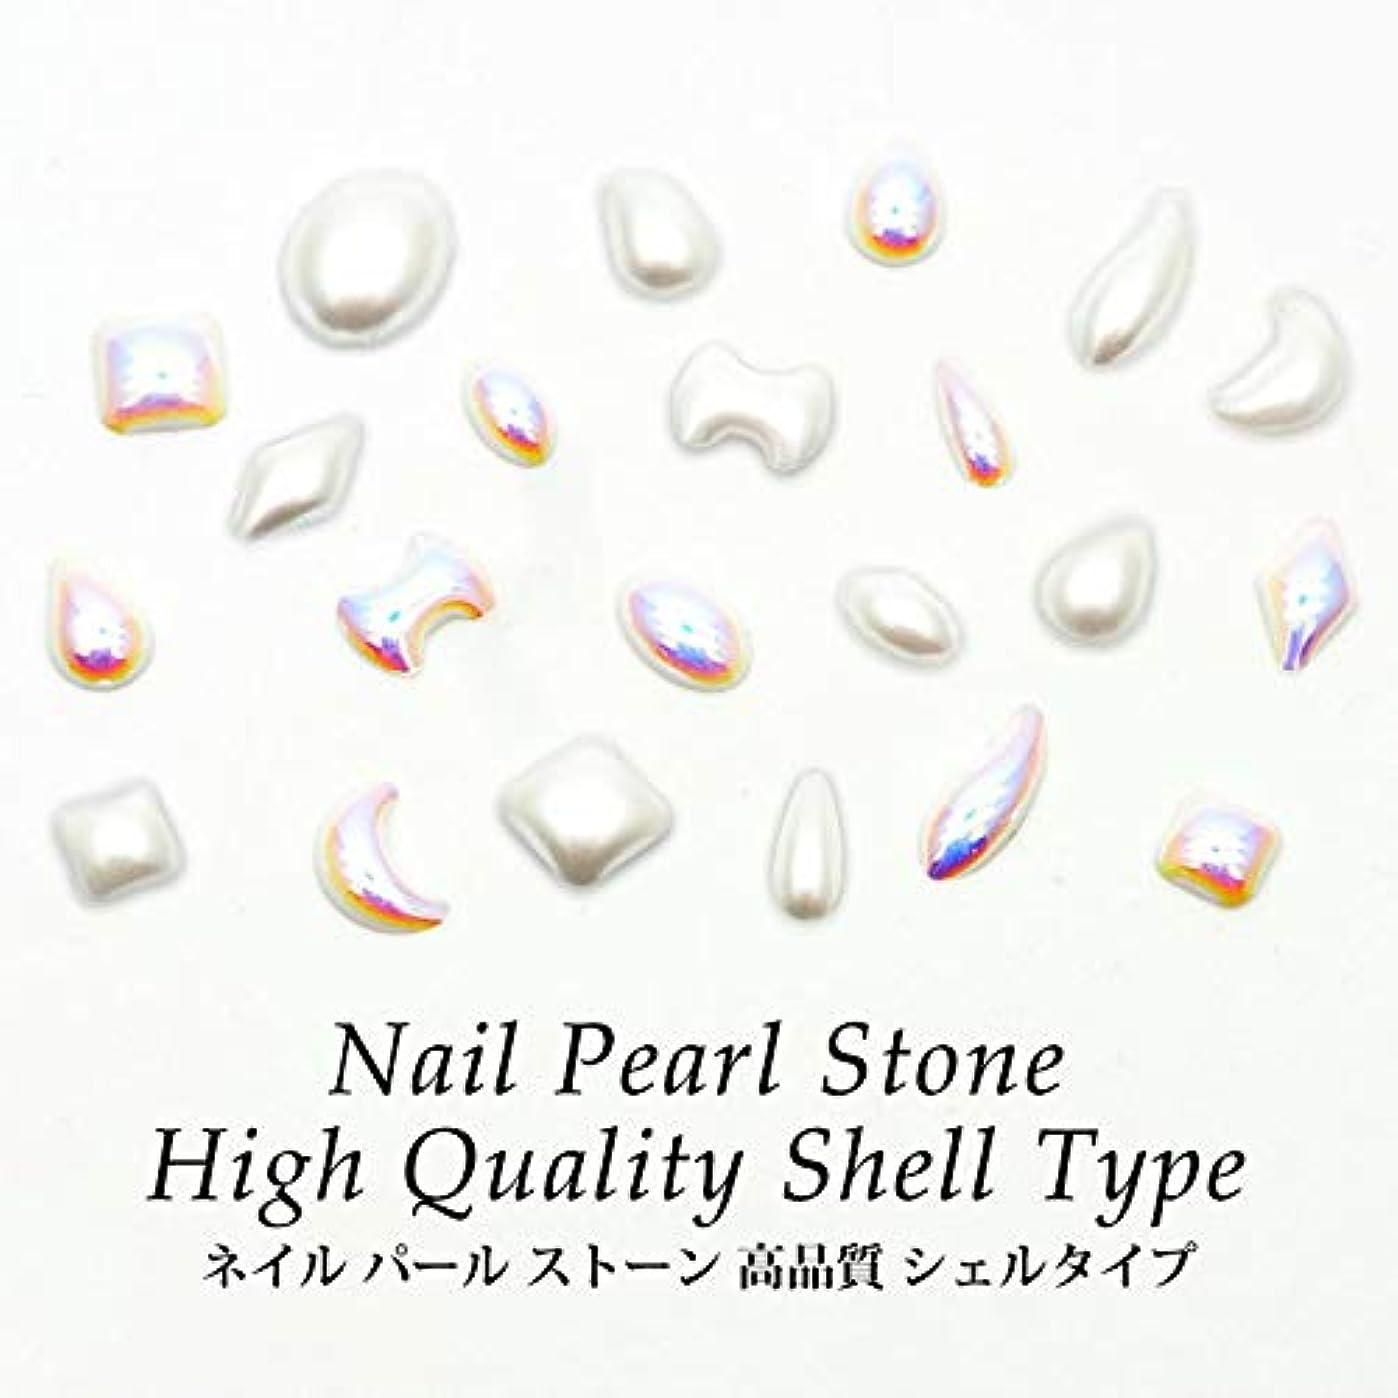 ナット非難する割り当てますネイル パール ストーン 高品質 シェルタイプ 各種 20個入り (6.オーバル(中) 約4mm×6mm, シェルホワイト)